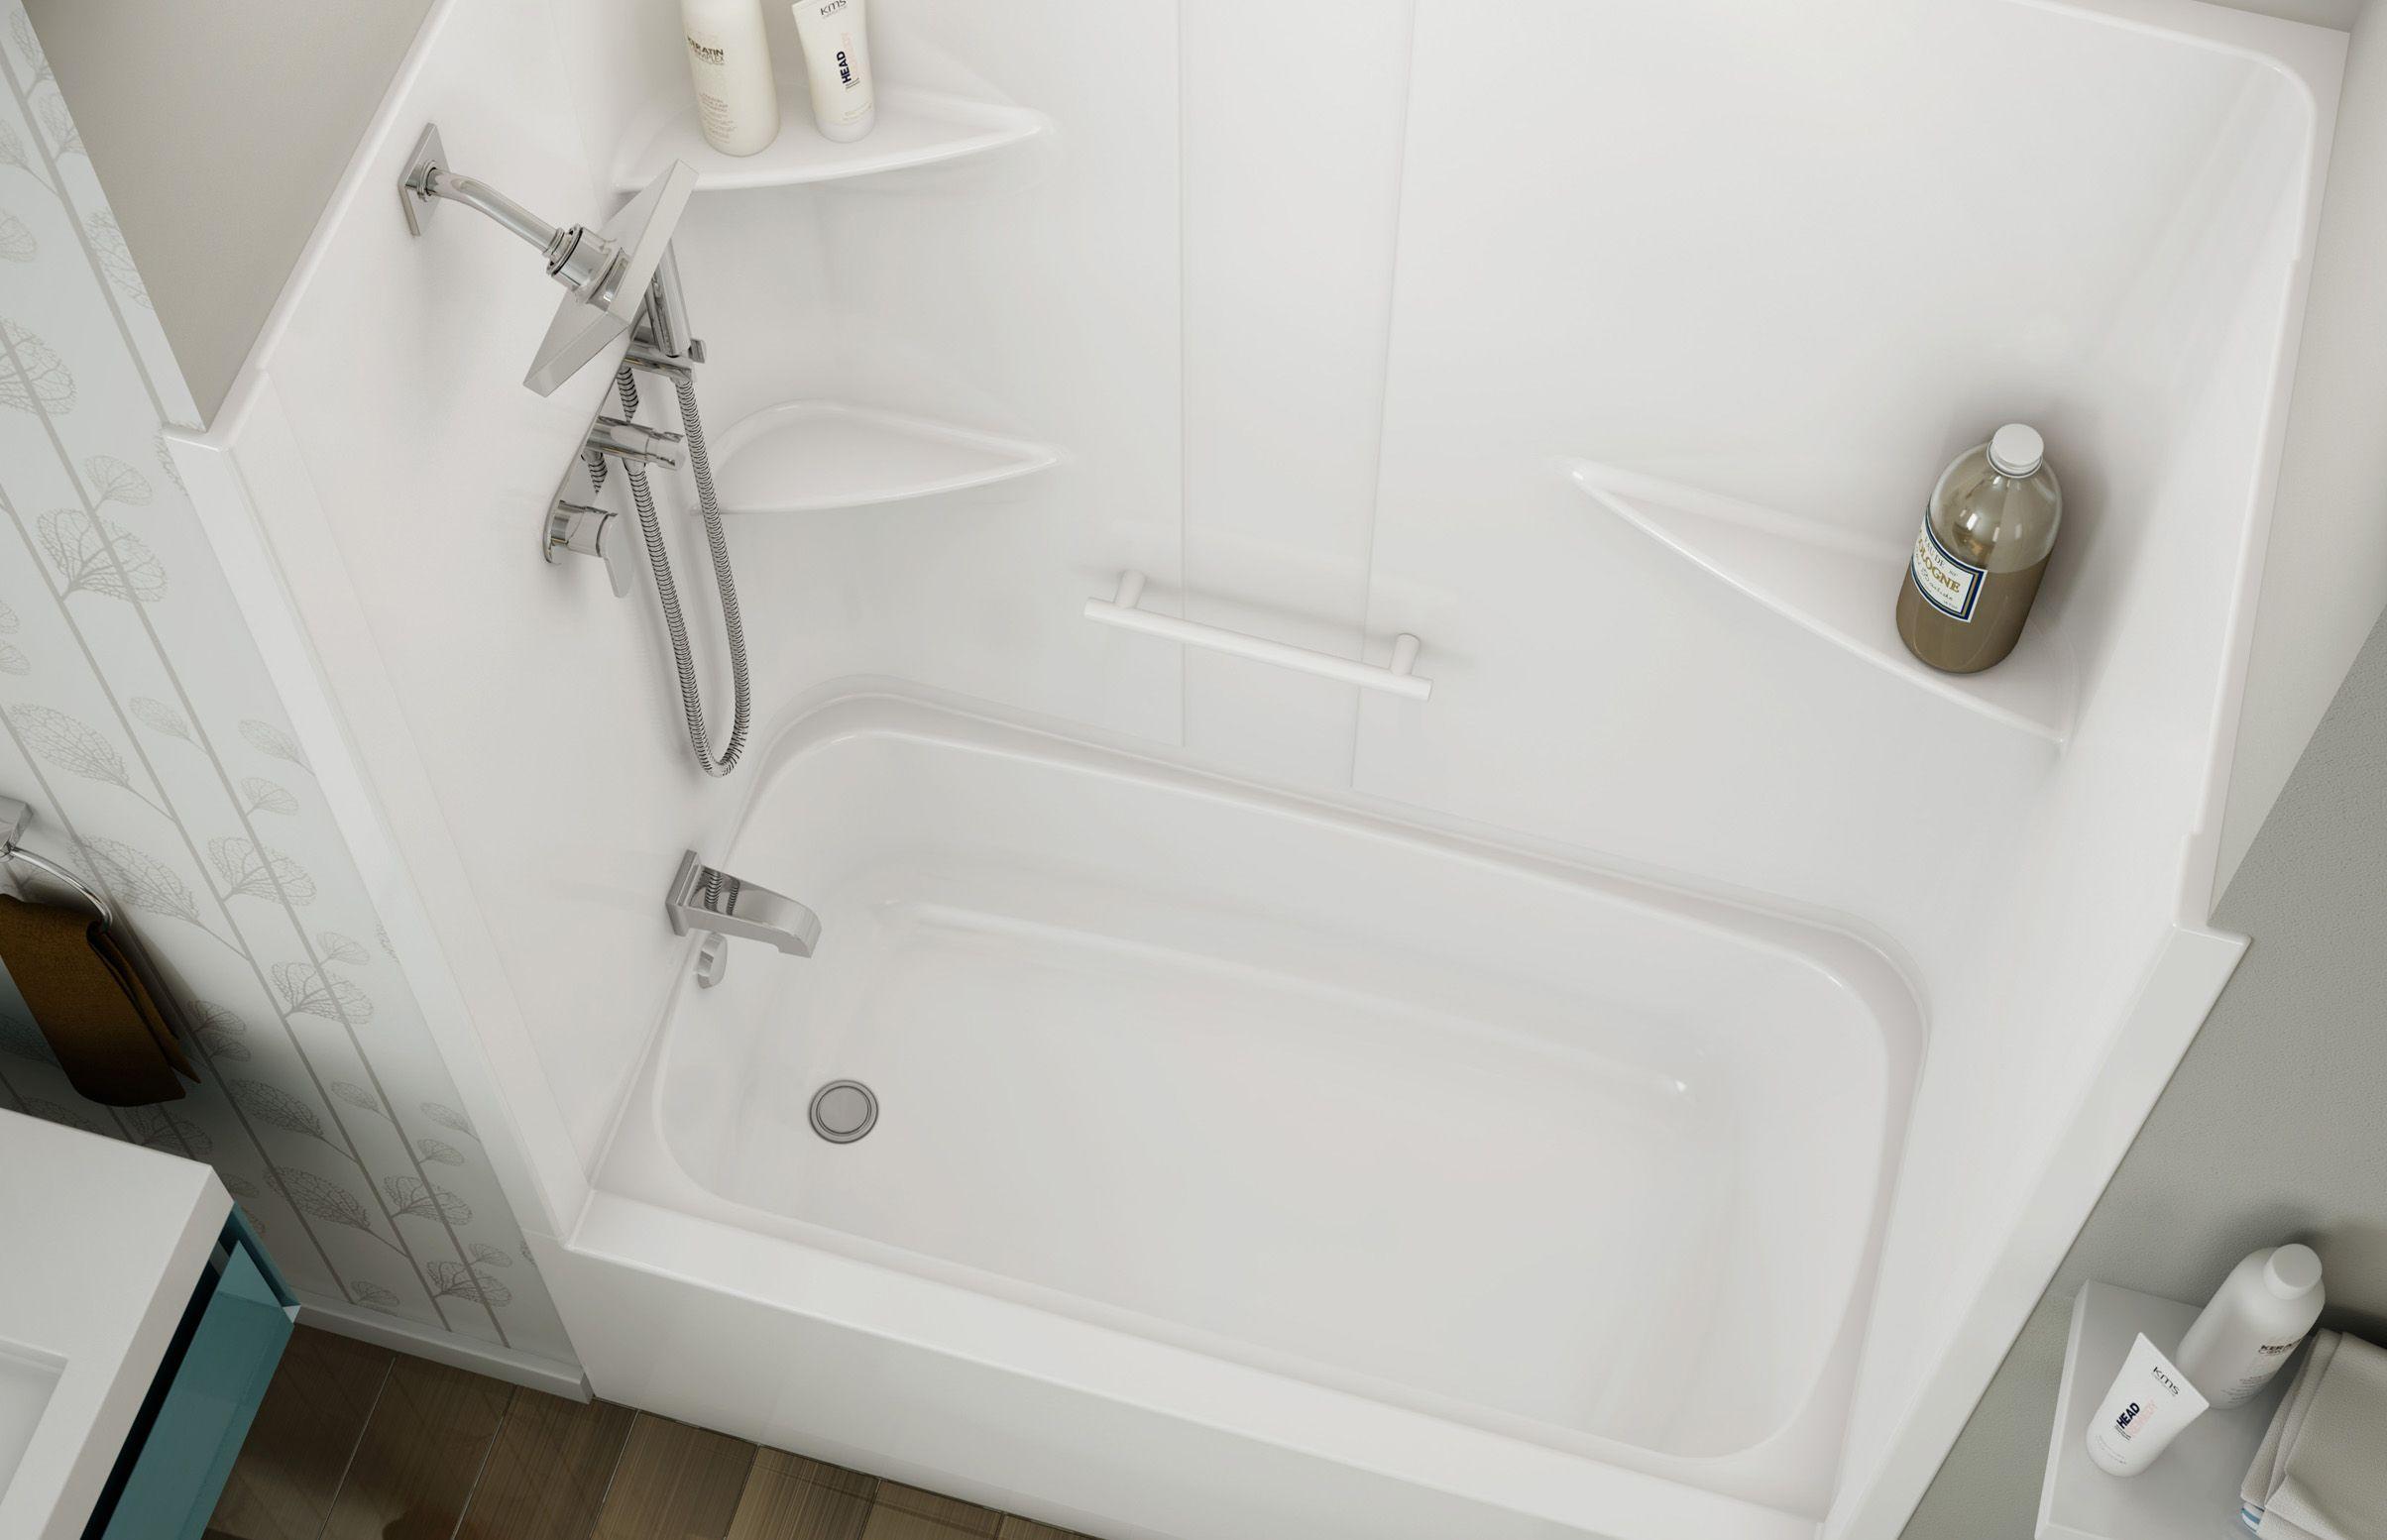 Maax Allia Ts 6032 Tub Showers Www Maax Com Lavatories Tubs